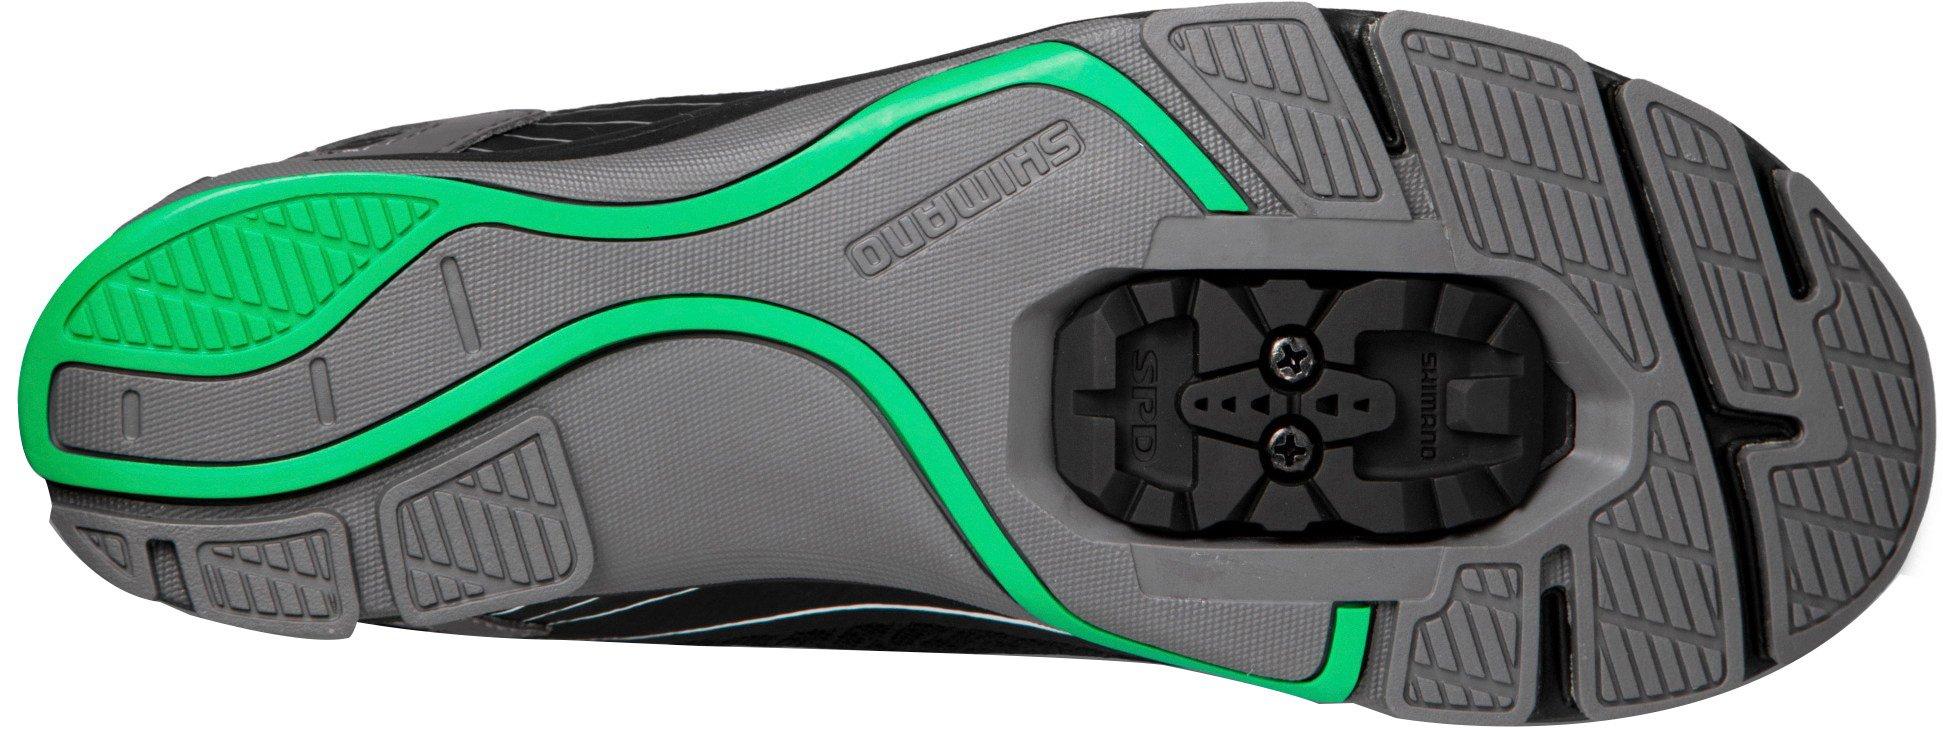 SHIMANO Mens CT500 Casual Cycling Shoe